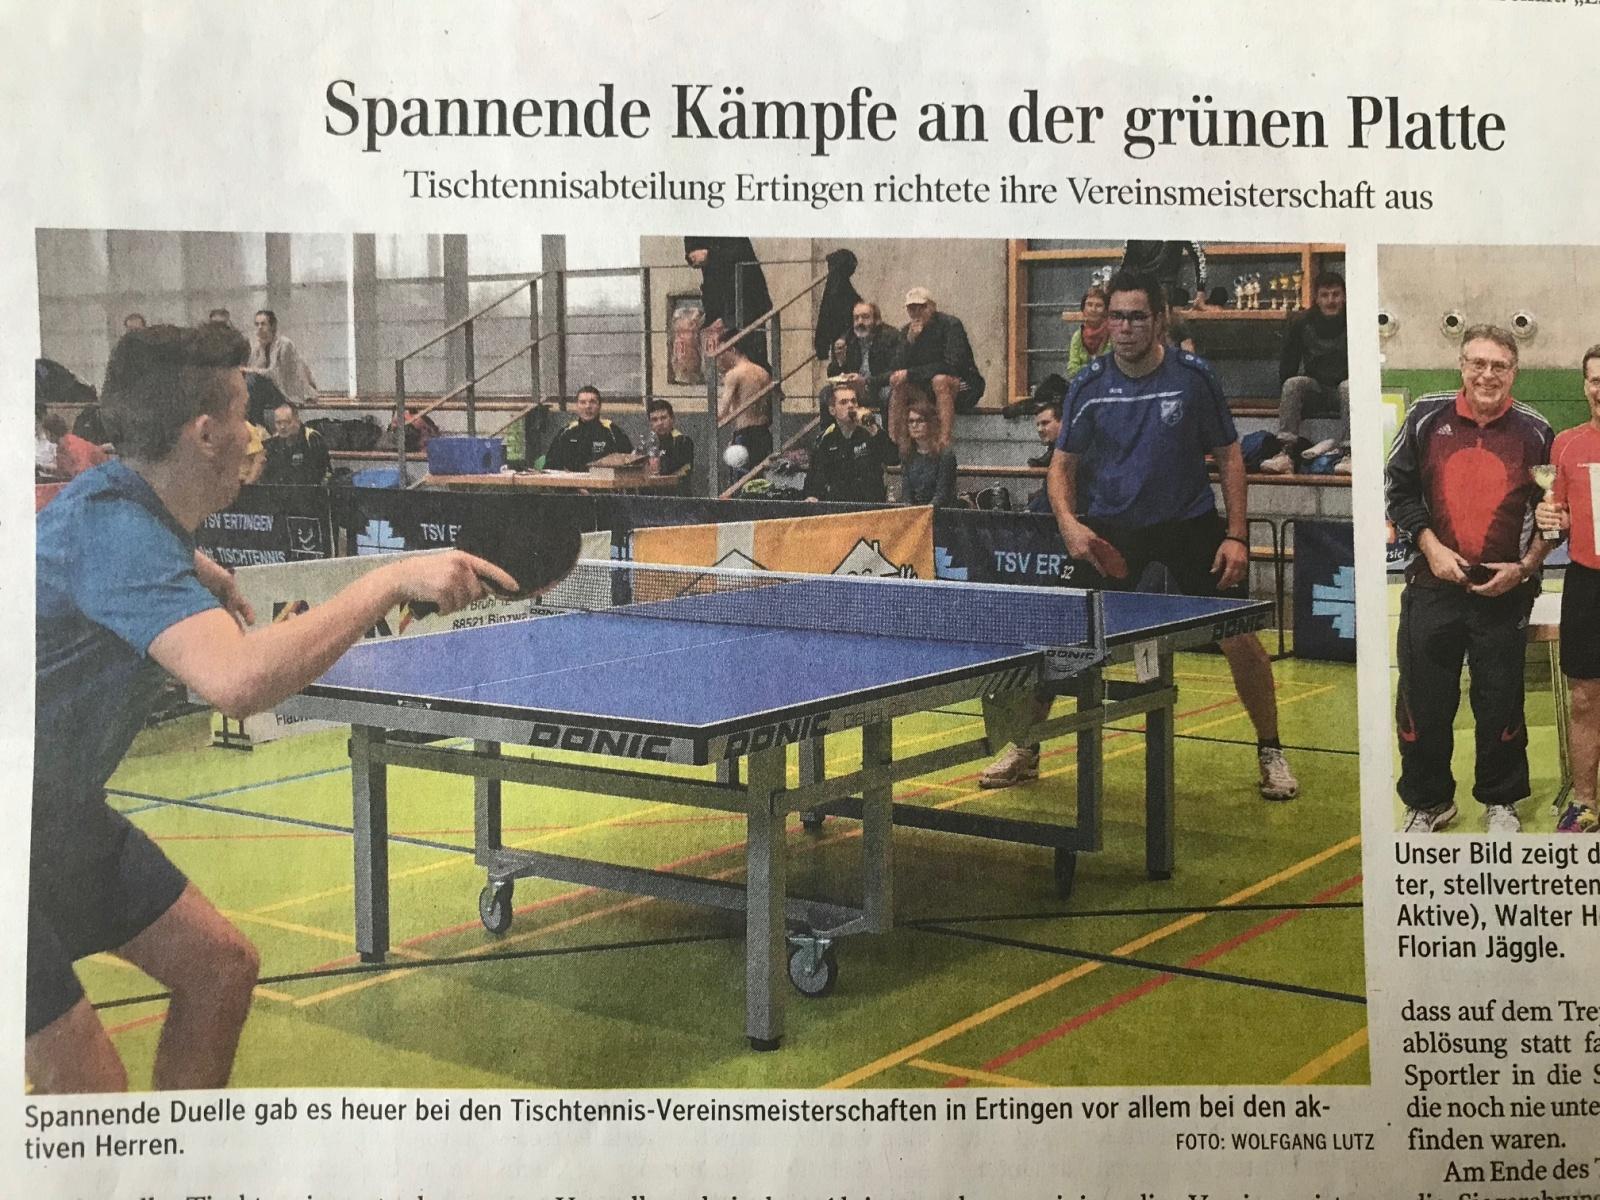 """Da schreibt der Sportredakteur seit Jahrzehnten """"grüne Platte"""", um nicht """"Tischtennisplatte"""" schreiben zu müssen. Und dann das... - Dank an Fabian Hörmann."""